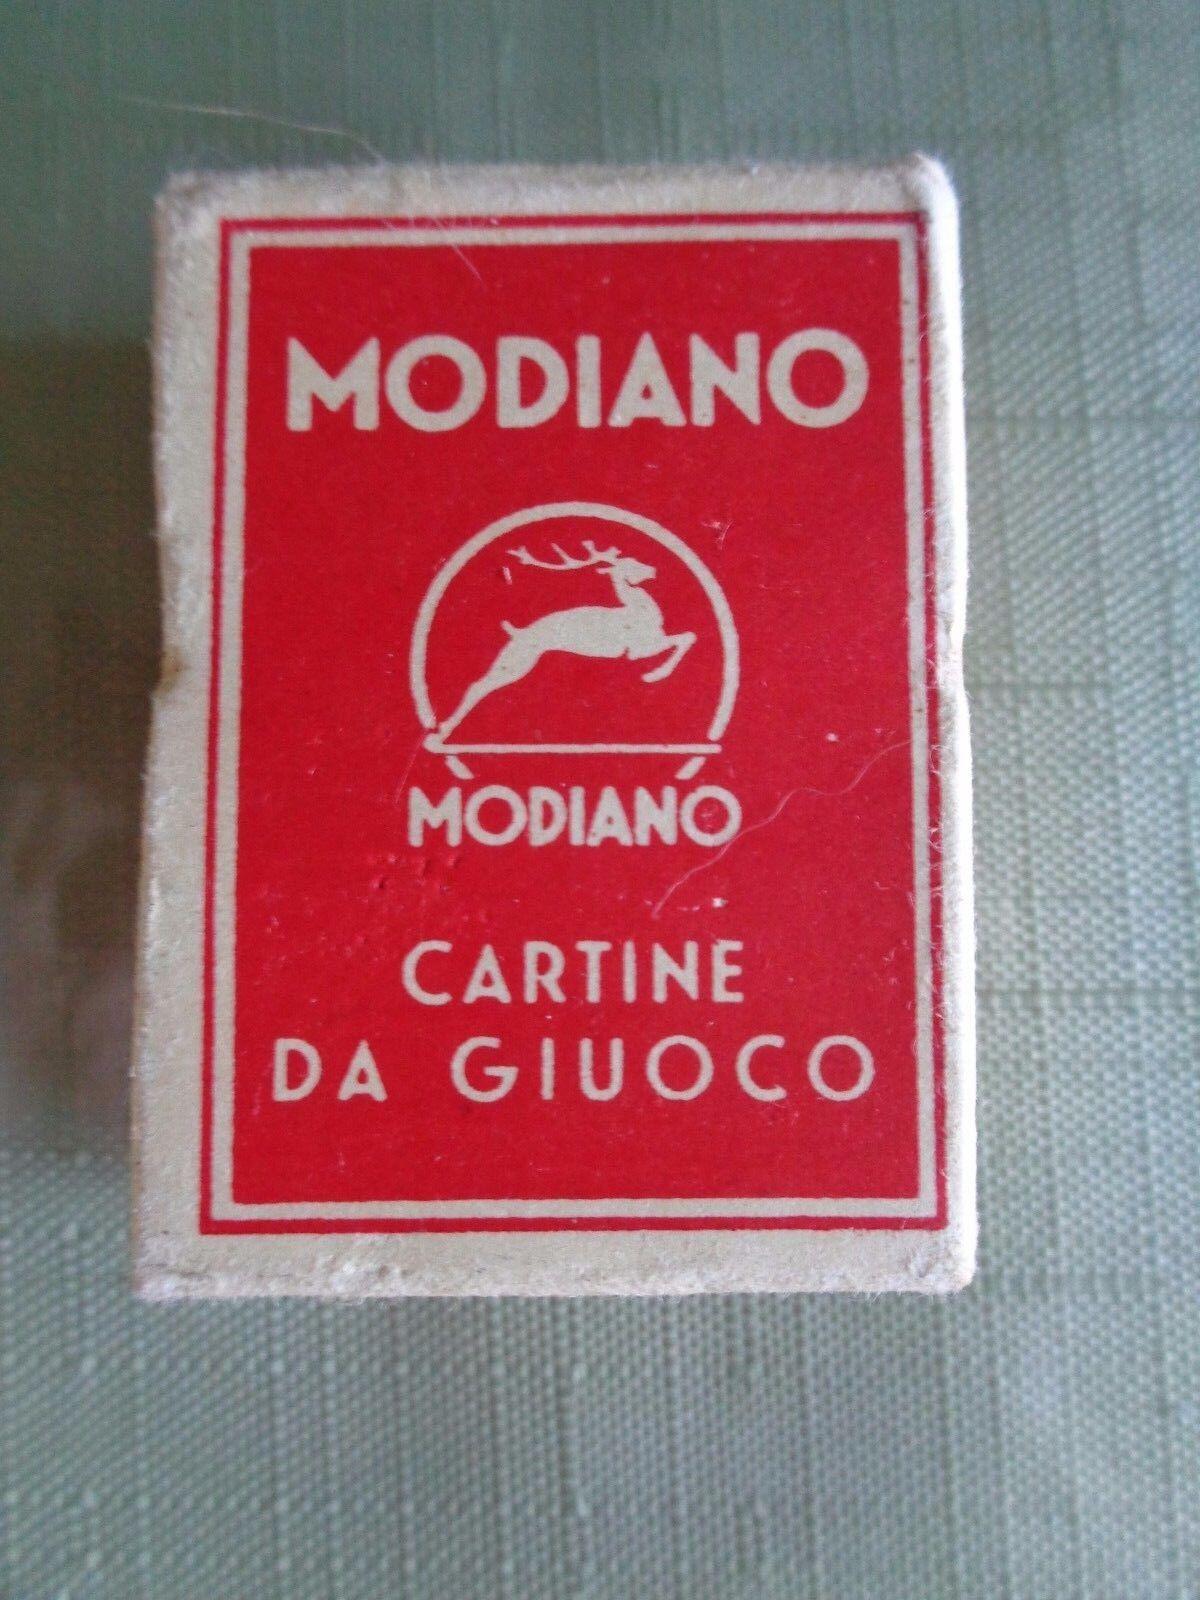 Tienda de moda y compras online. Modiano Napoletane regional italiano jugando a las las las Cochetas 97 25 300 Vintage Década de 1950  mejor opcion